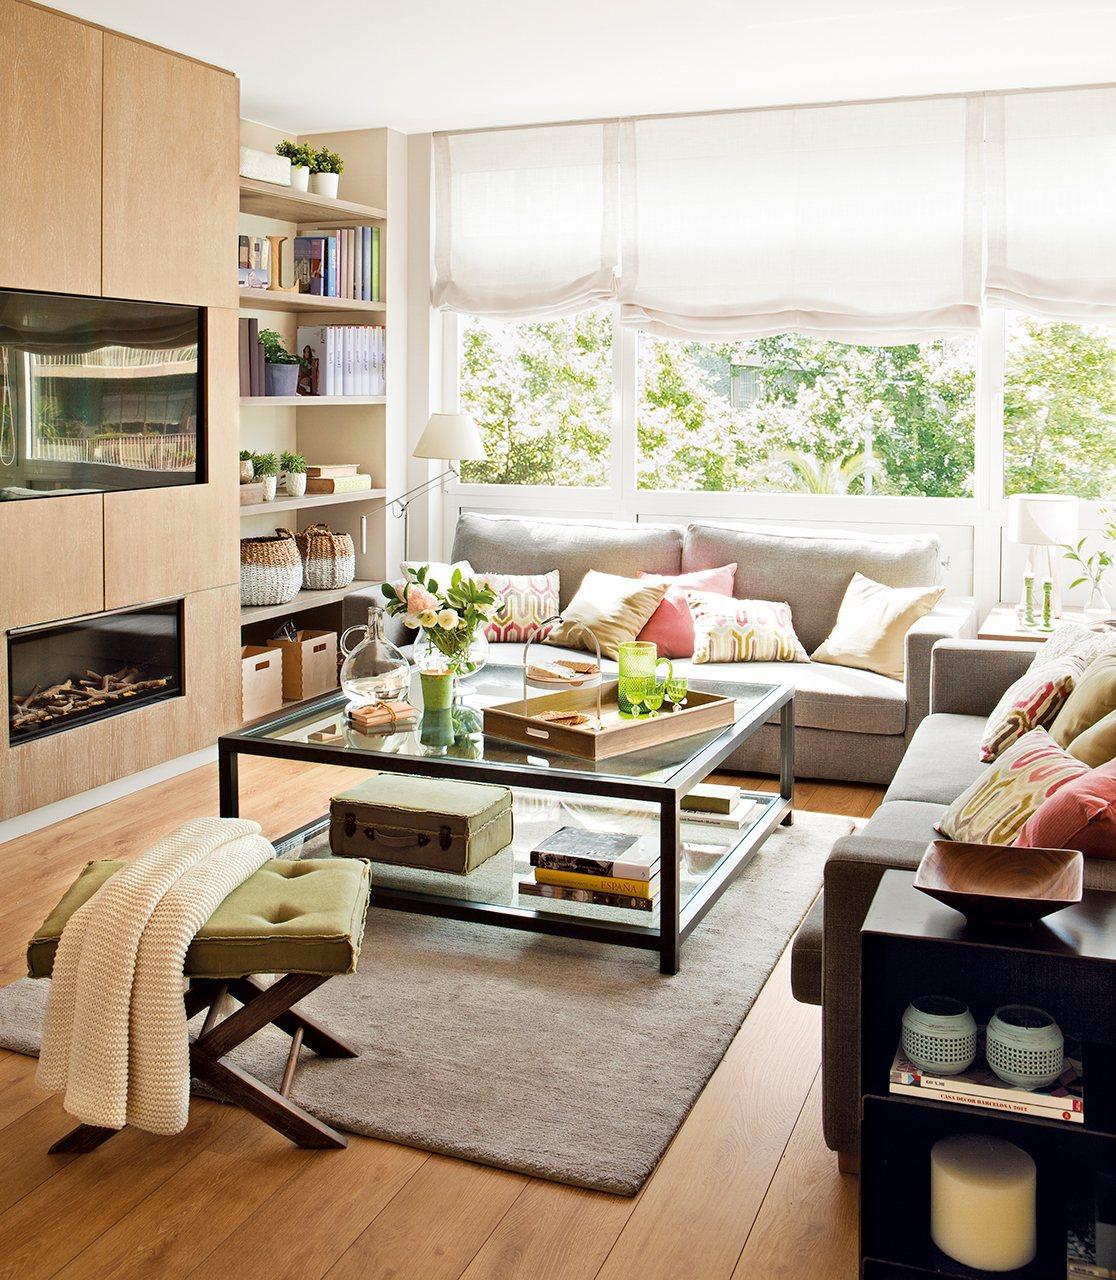 Salón con chimenea y televisor integrado en el mueble. Un salón bien aprovechado con muebles a medida